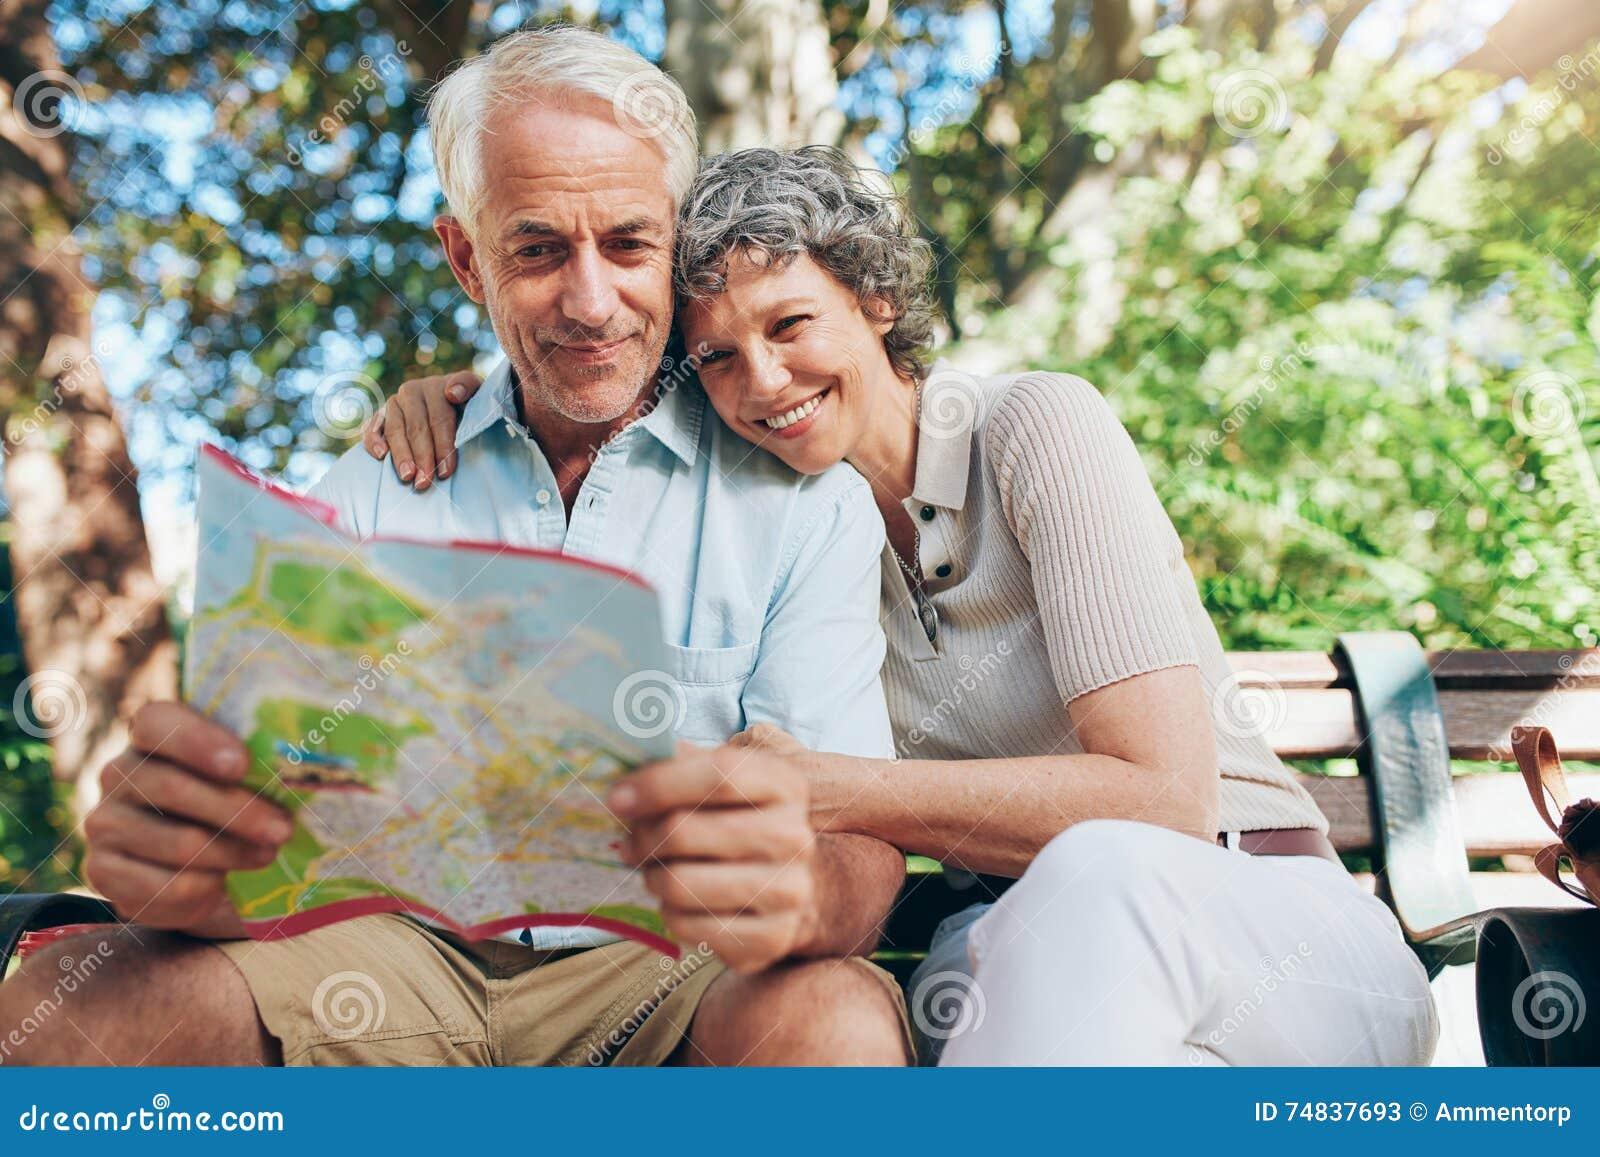 Mature couple seeking male pics 703